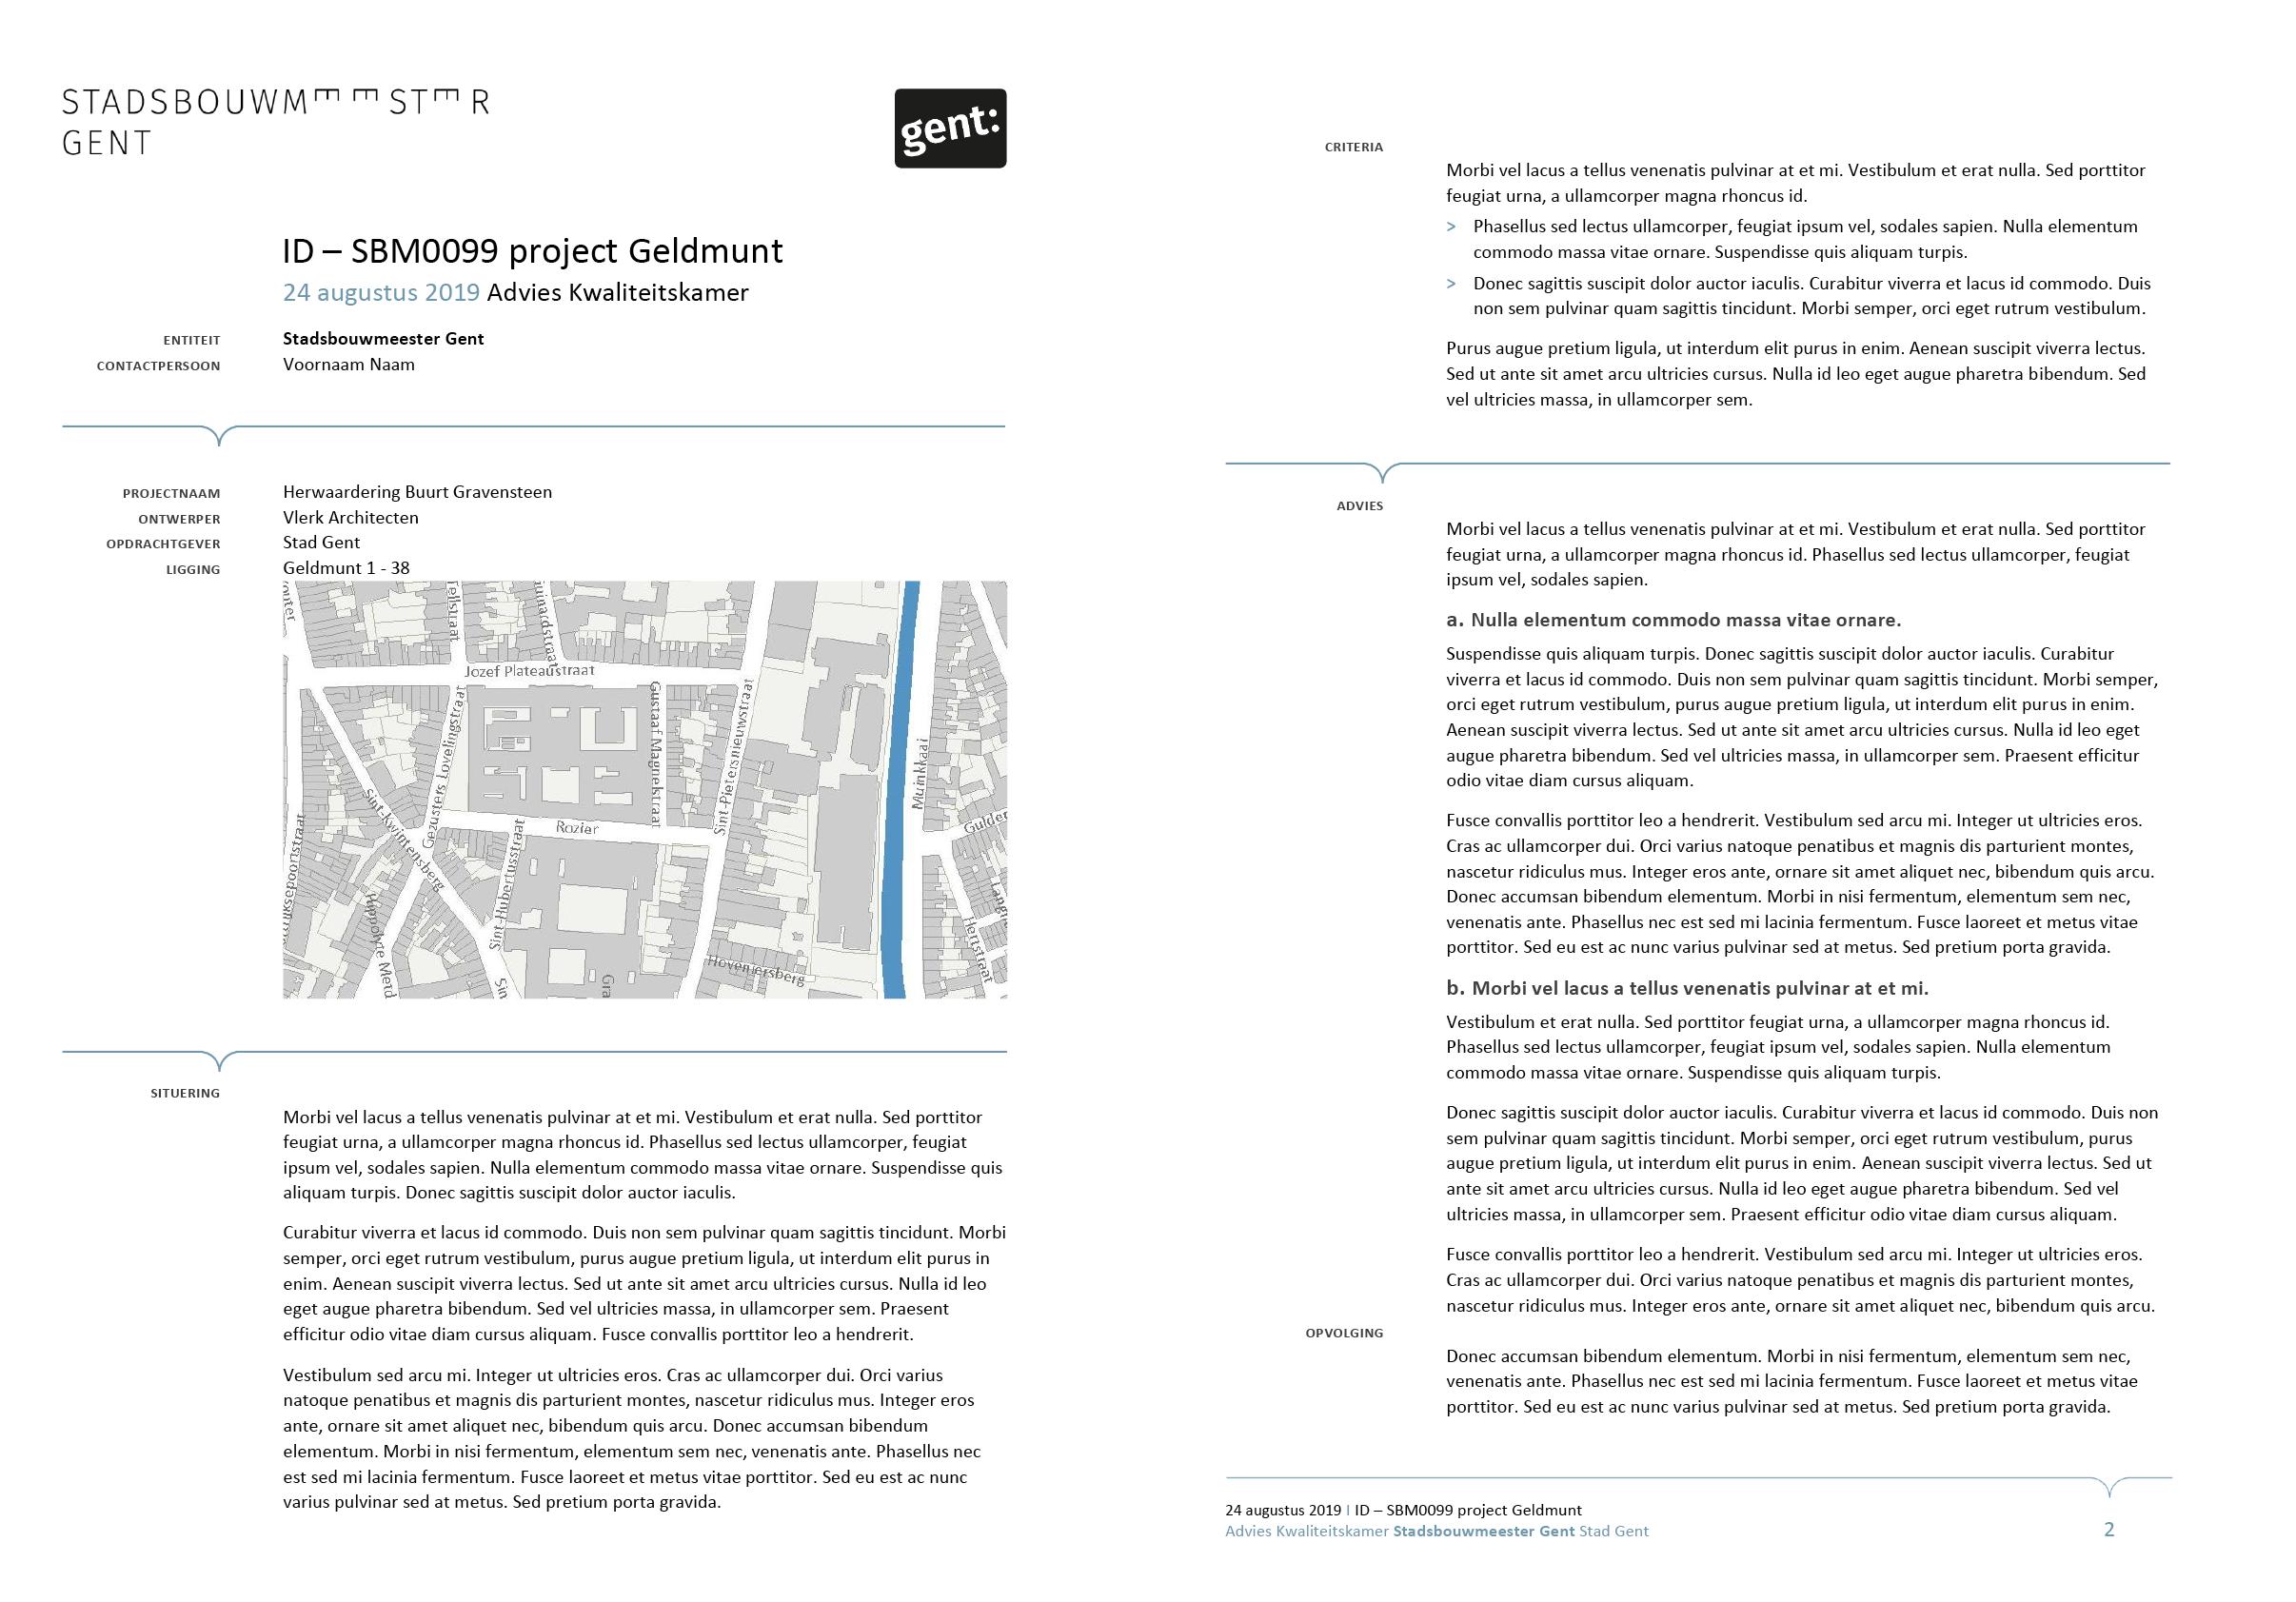 Advies van de Stadsbouwmeester Gent (ingevuld). Afgeleid en gepersonaliseerd Microsoft Word-sjabloon voor de Stad Gent.